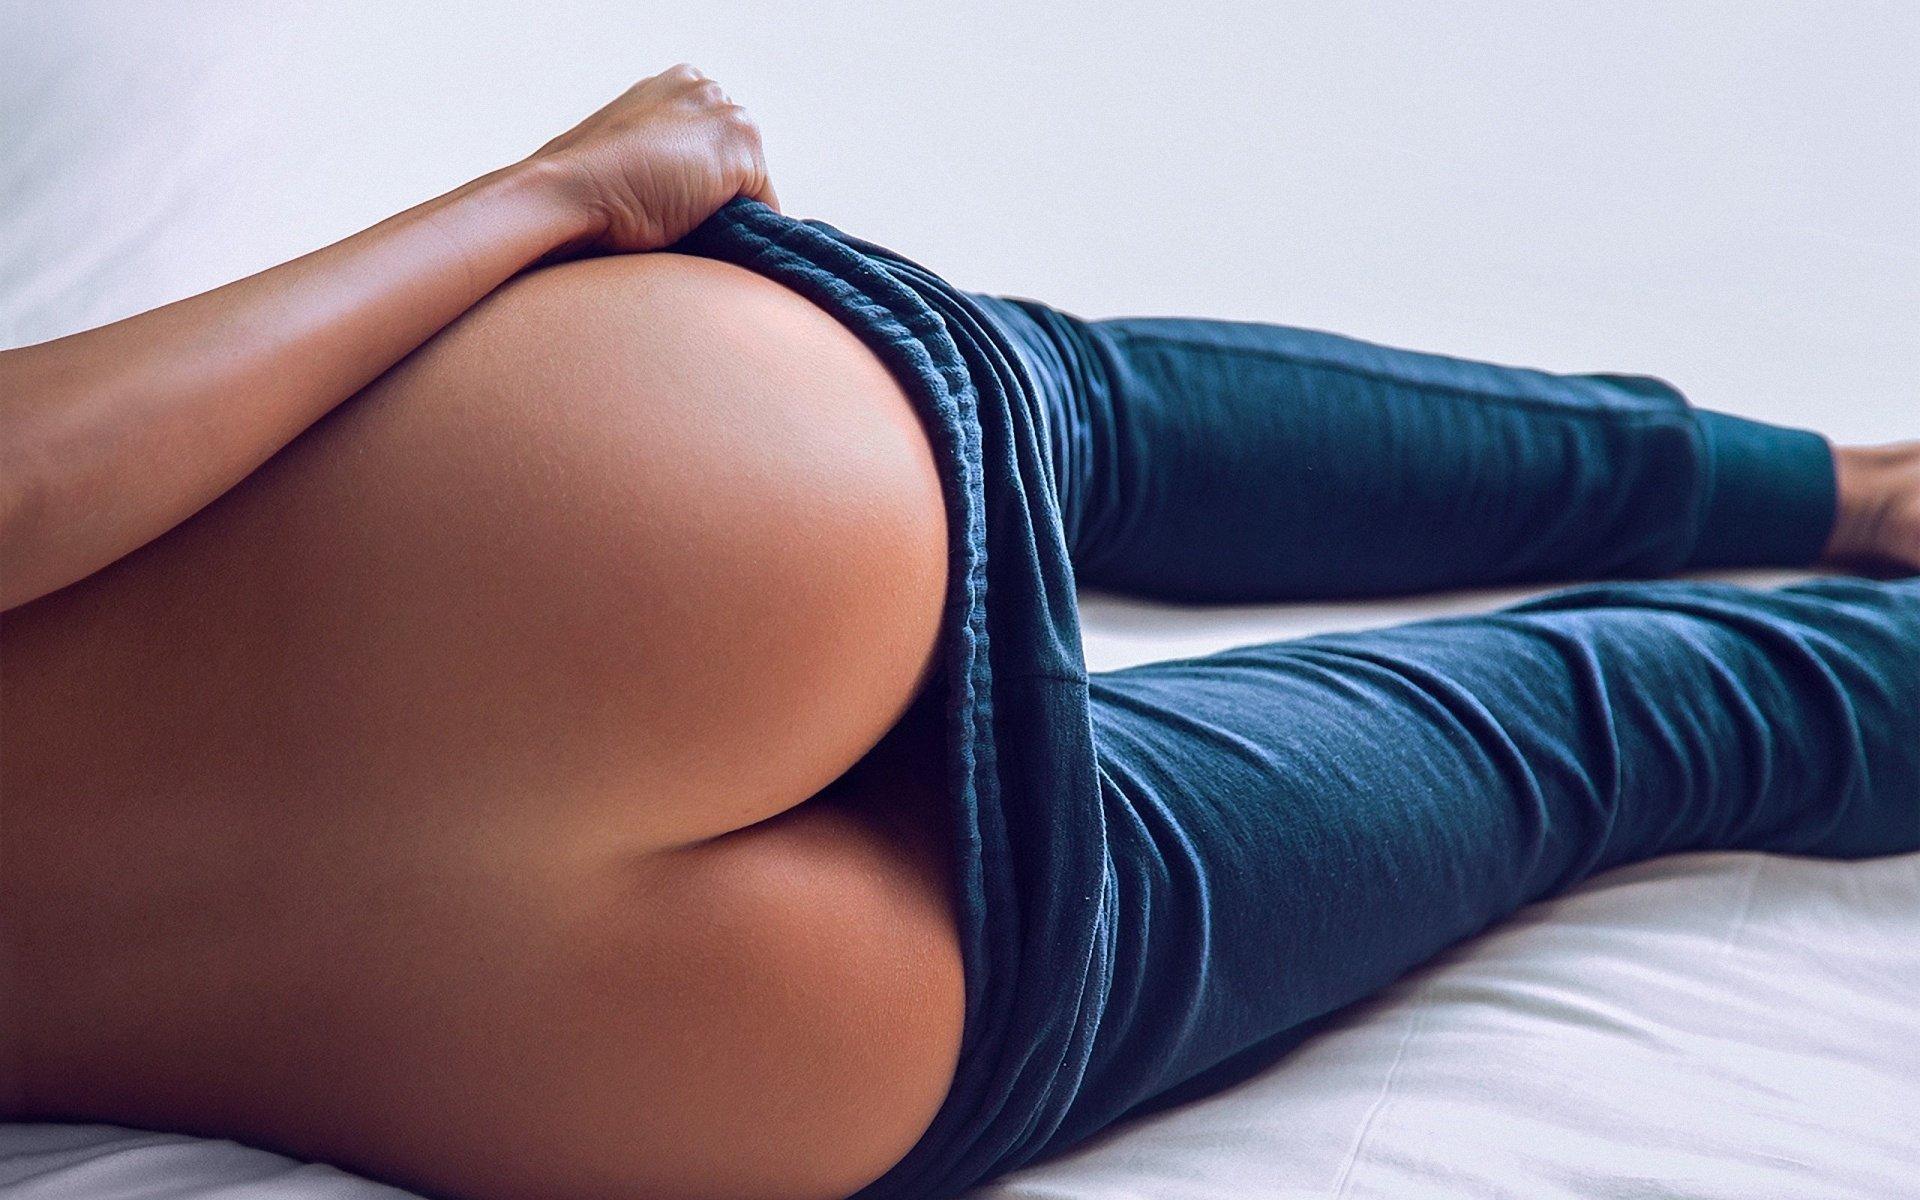 Сочные красивые задницы фото 4 фотография